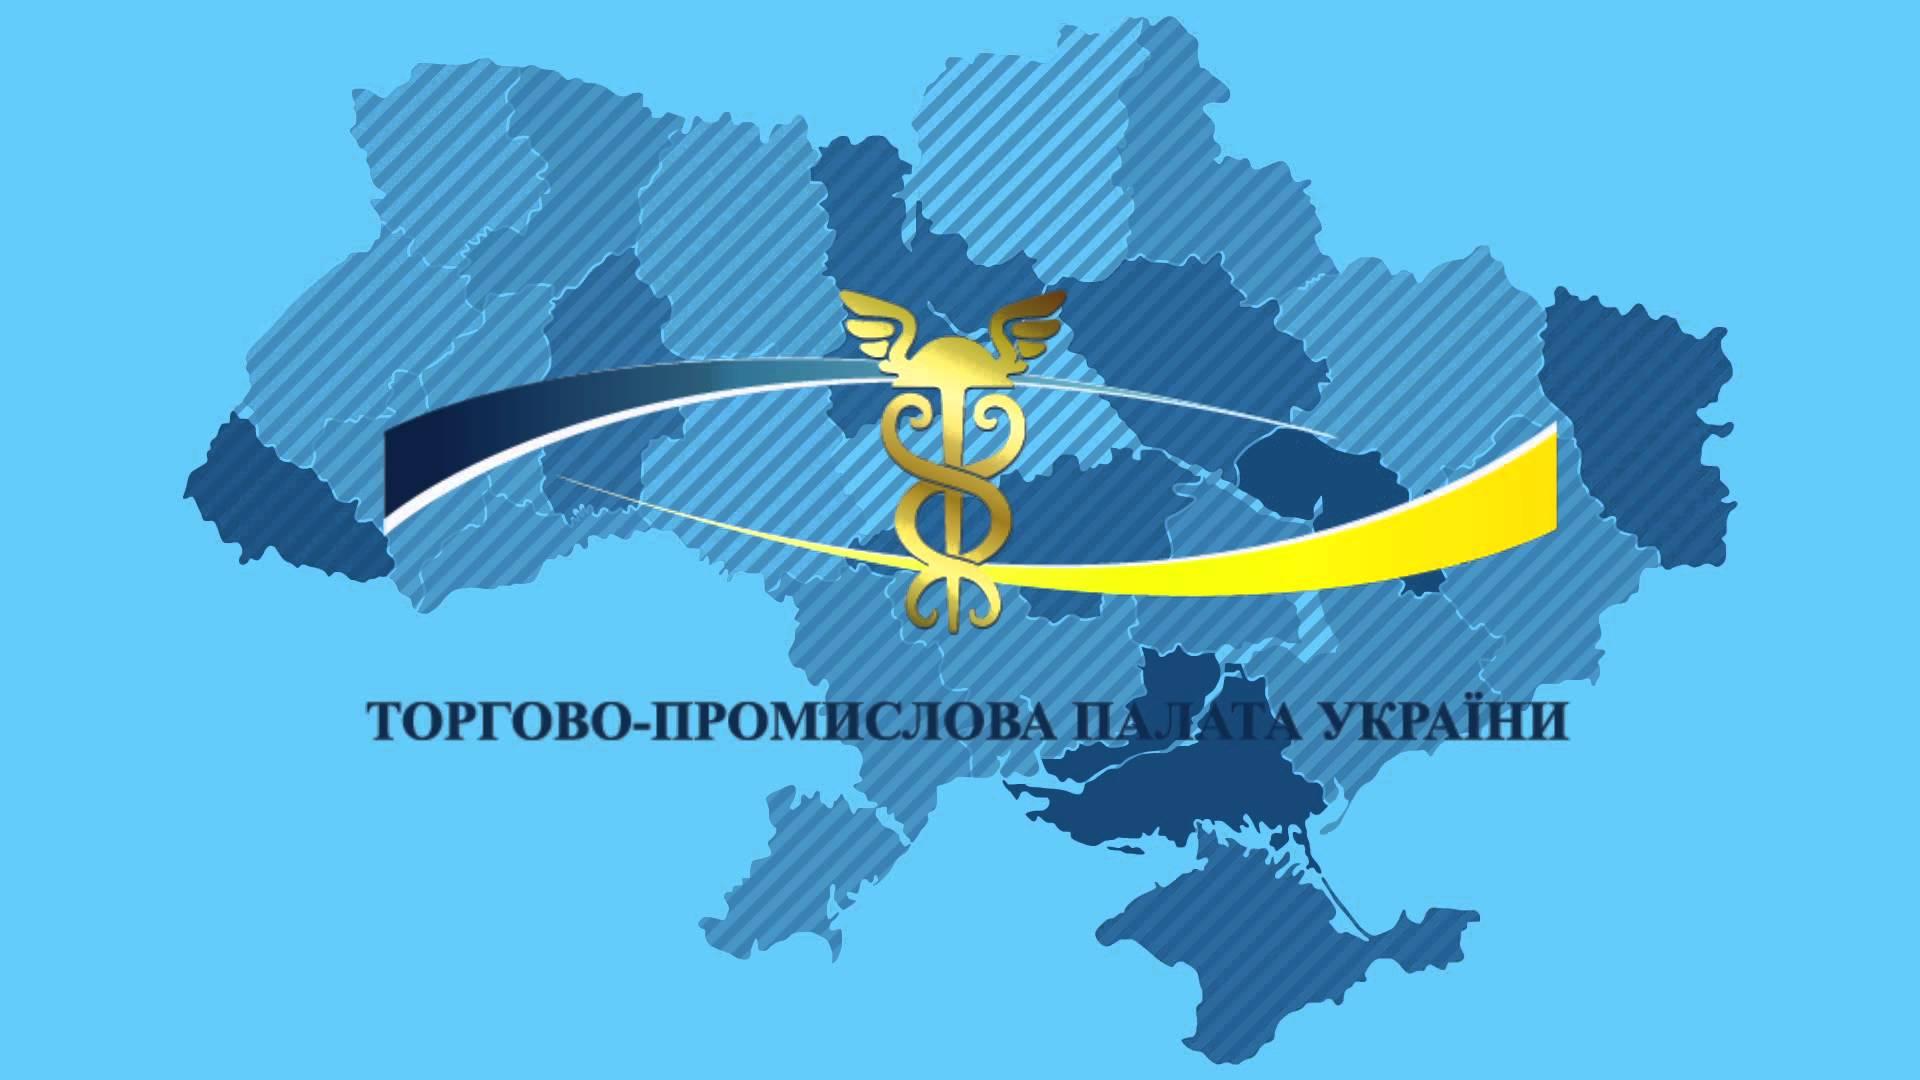 Курт Волкер став членом правління української транспортної компанії